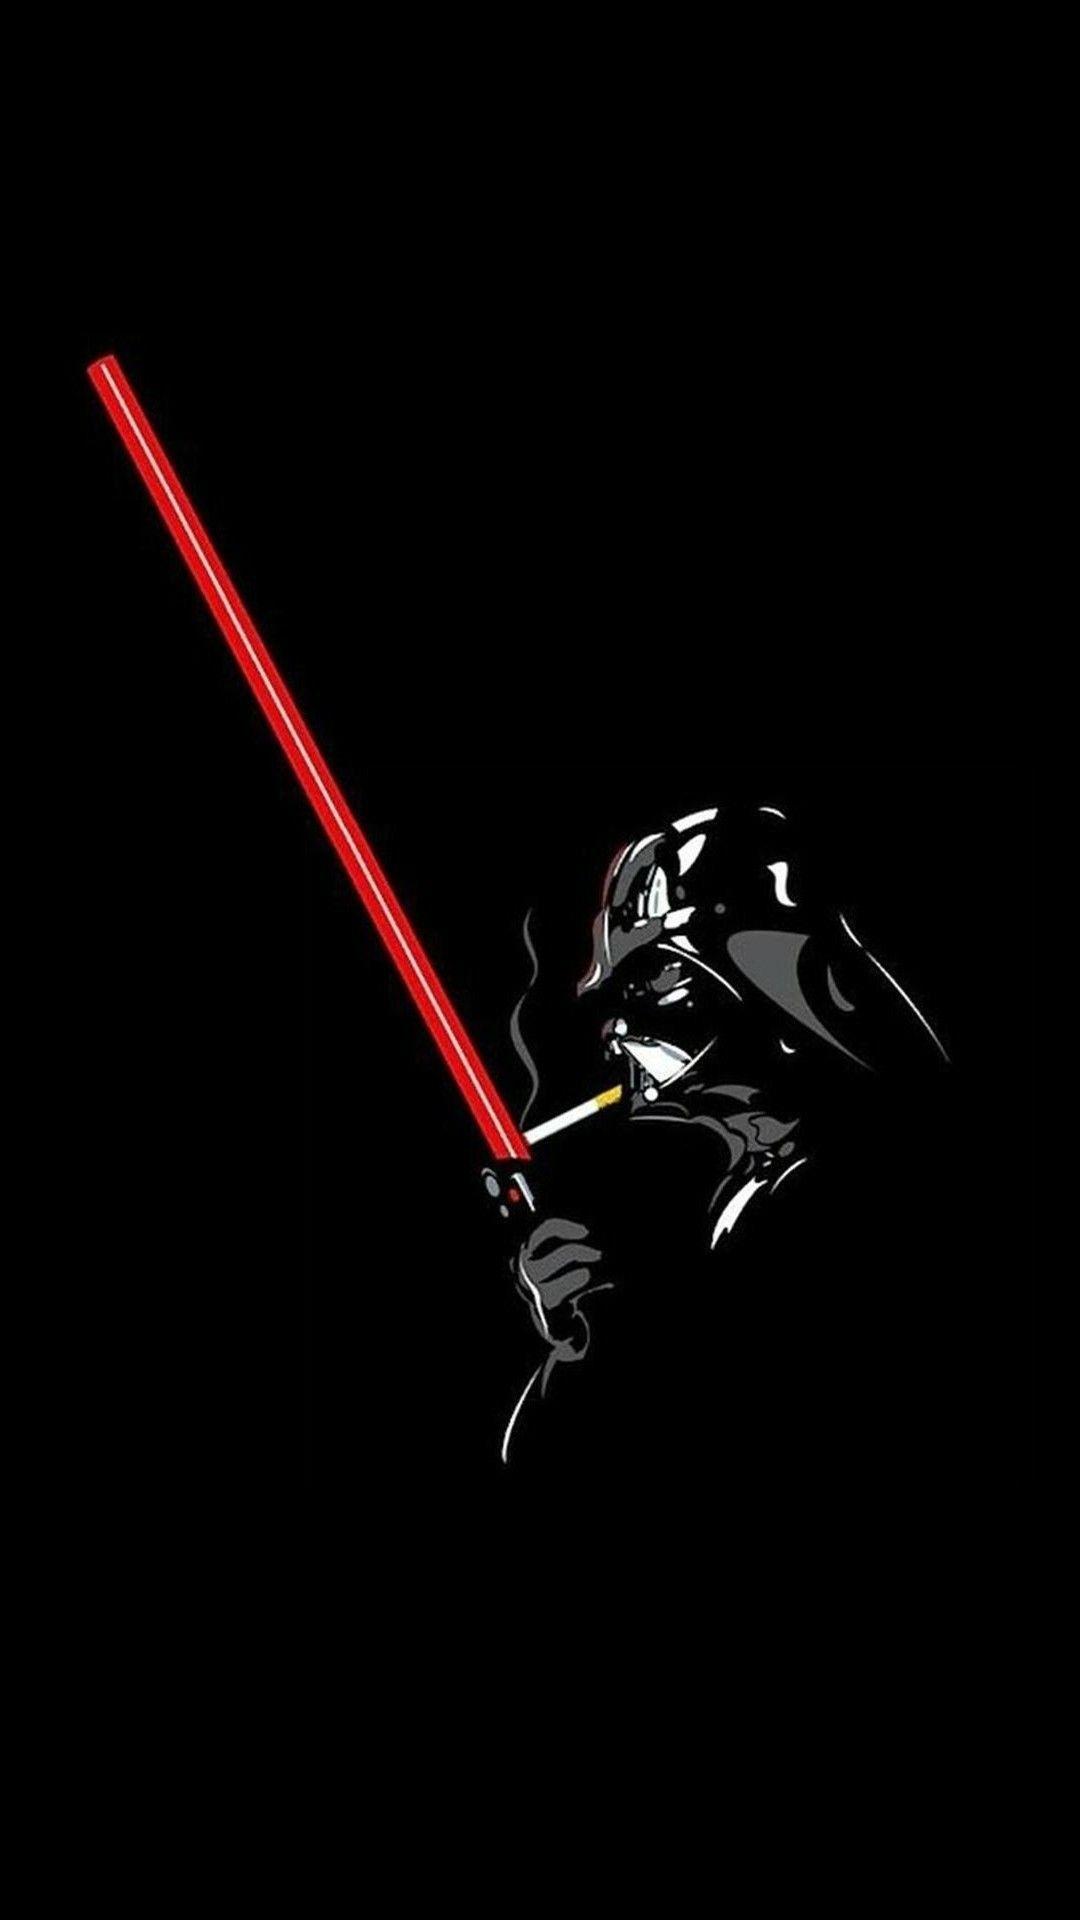 Minimalist Darth Vader In 2020 Star Wars Wallpaper Star Wars Art Darth Vader